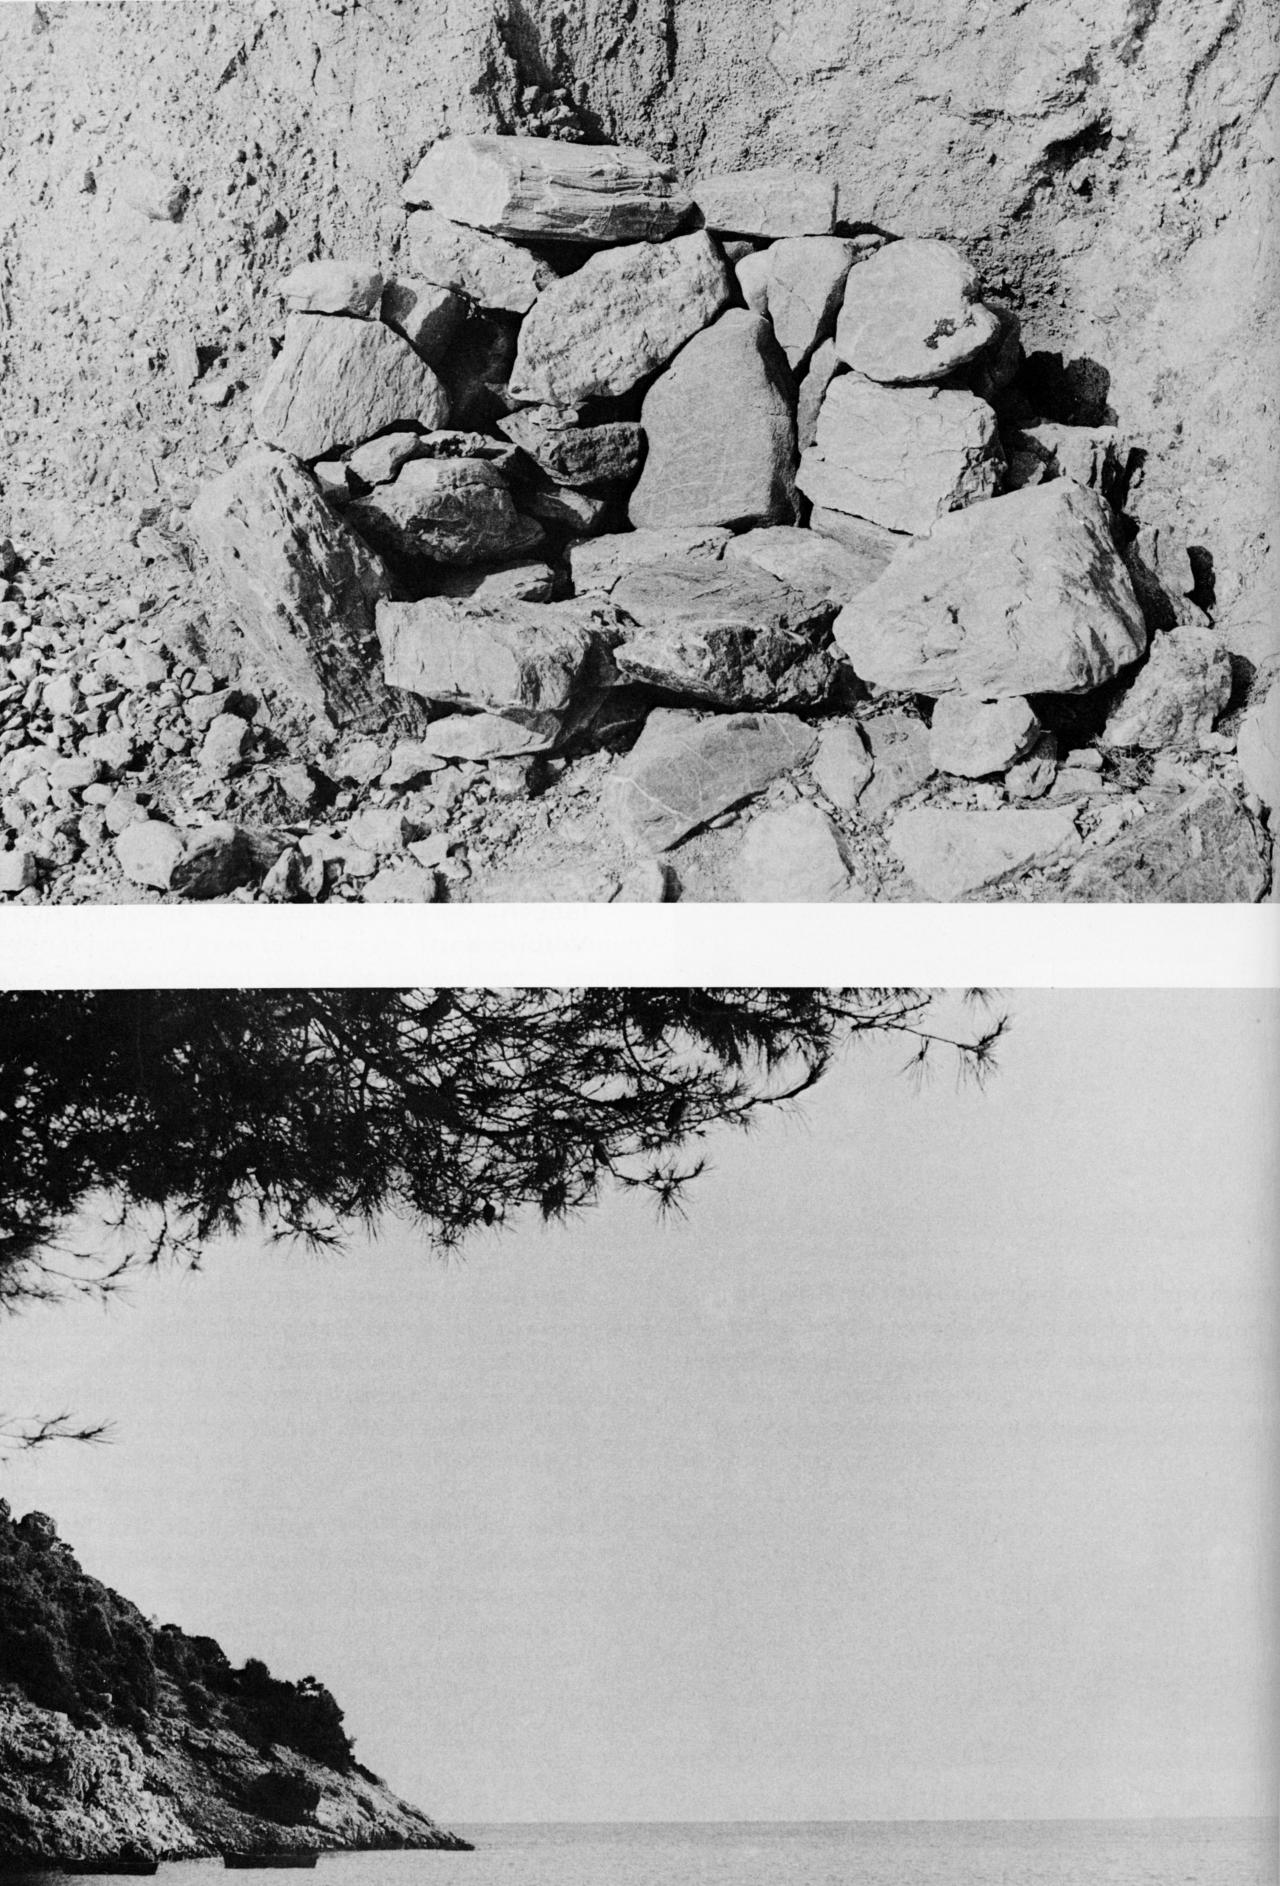 Zwei Fotos: Eines zeigt Steine, ein anderes eine Meeresküste